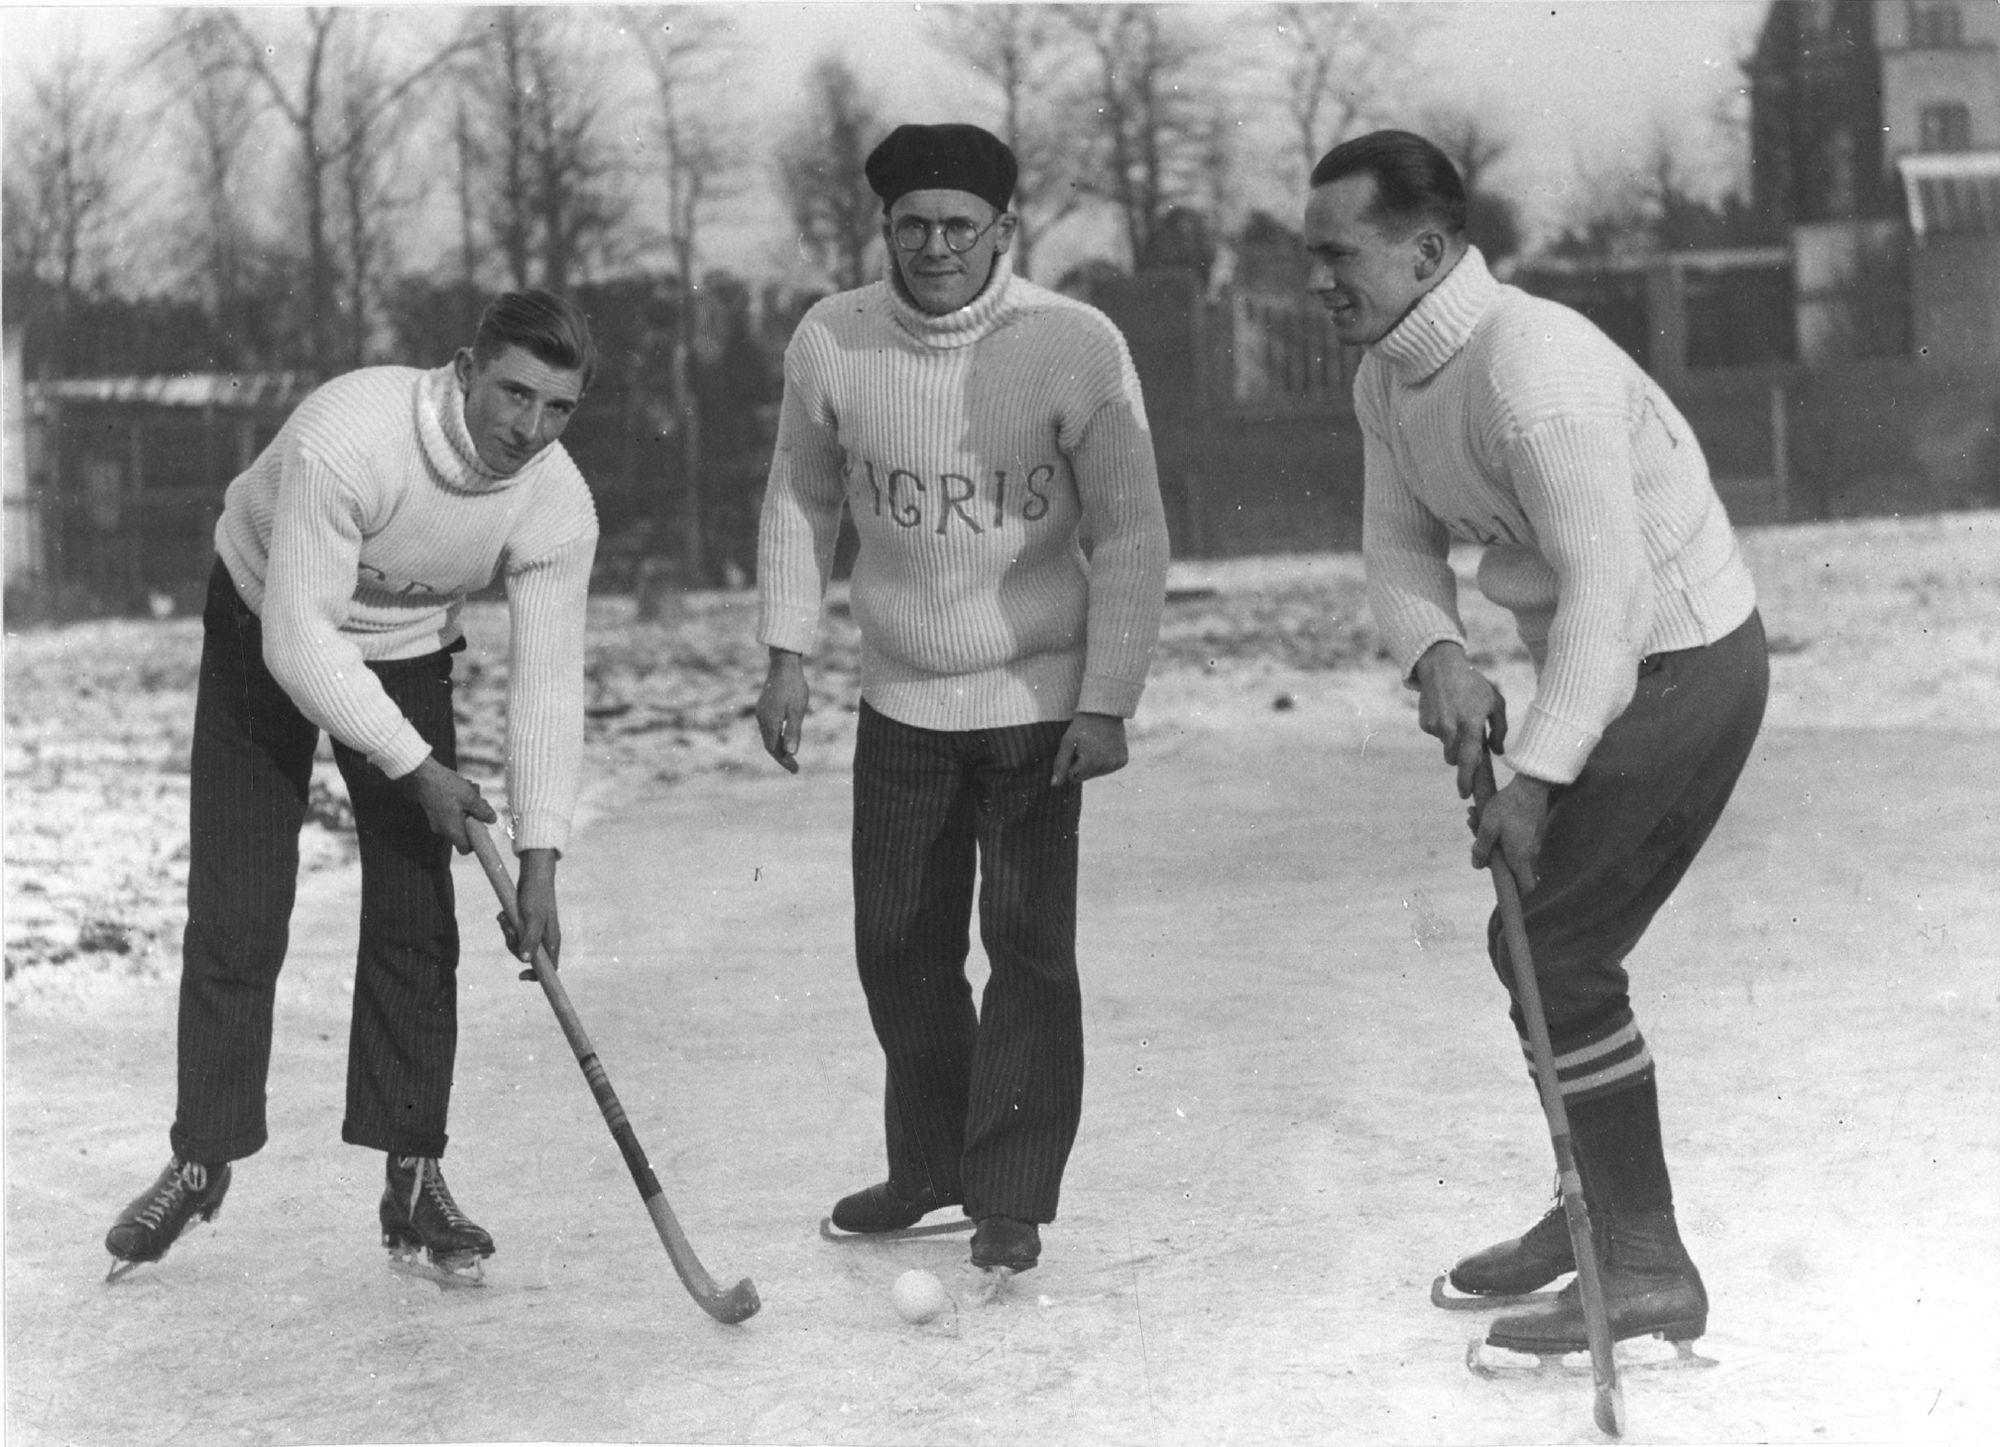 Ijshockey op de vaart